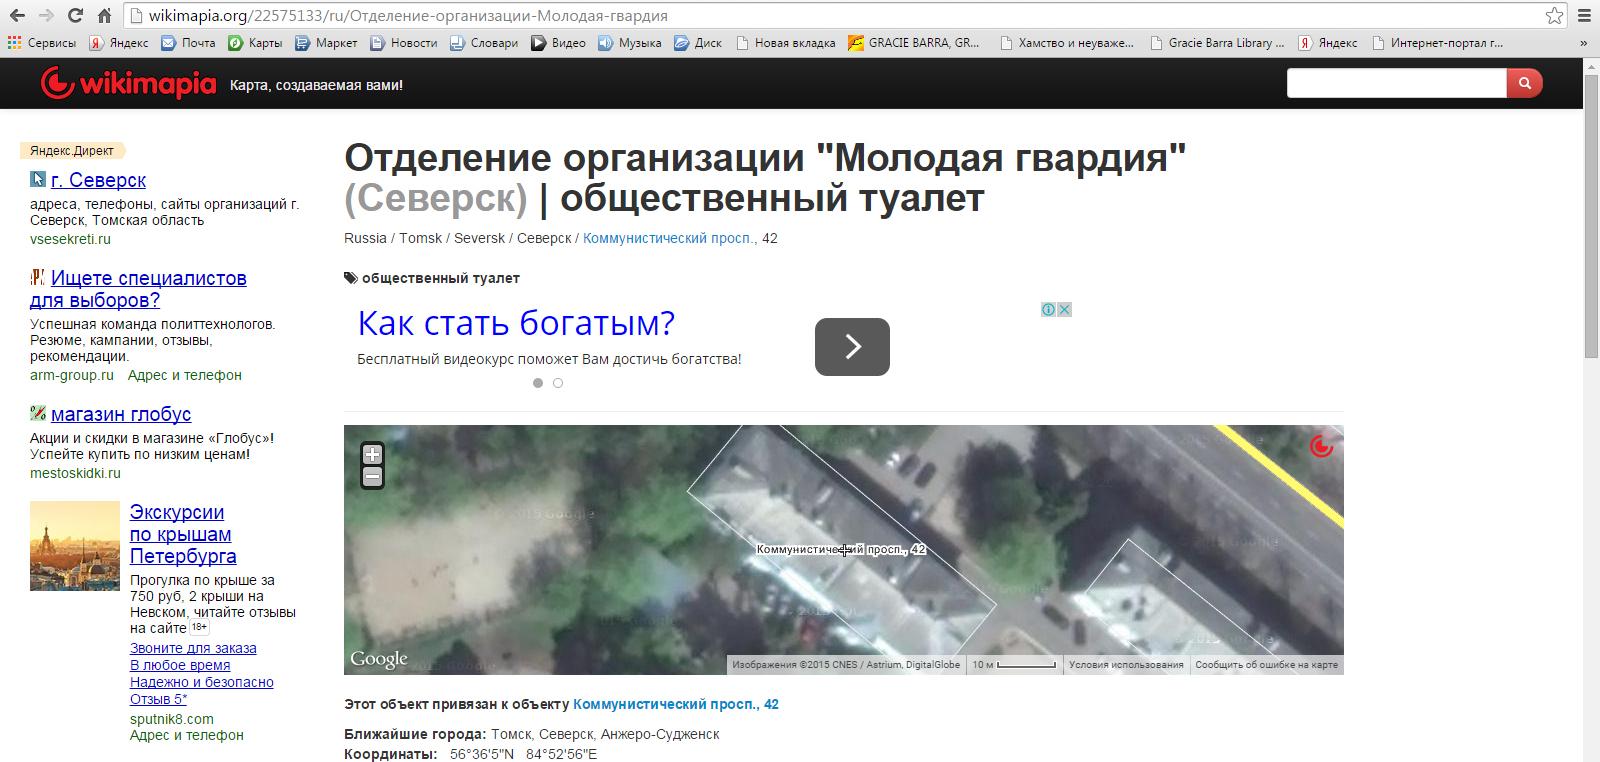 ОК Google. Общественный туалет в Северске